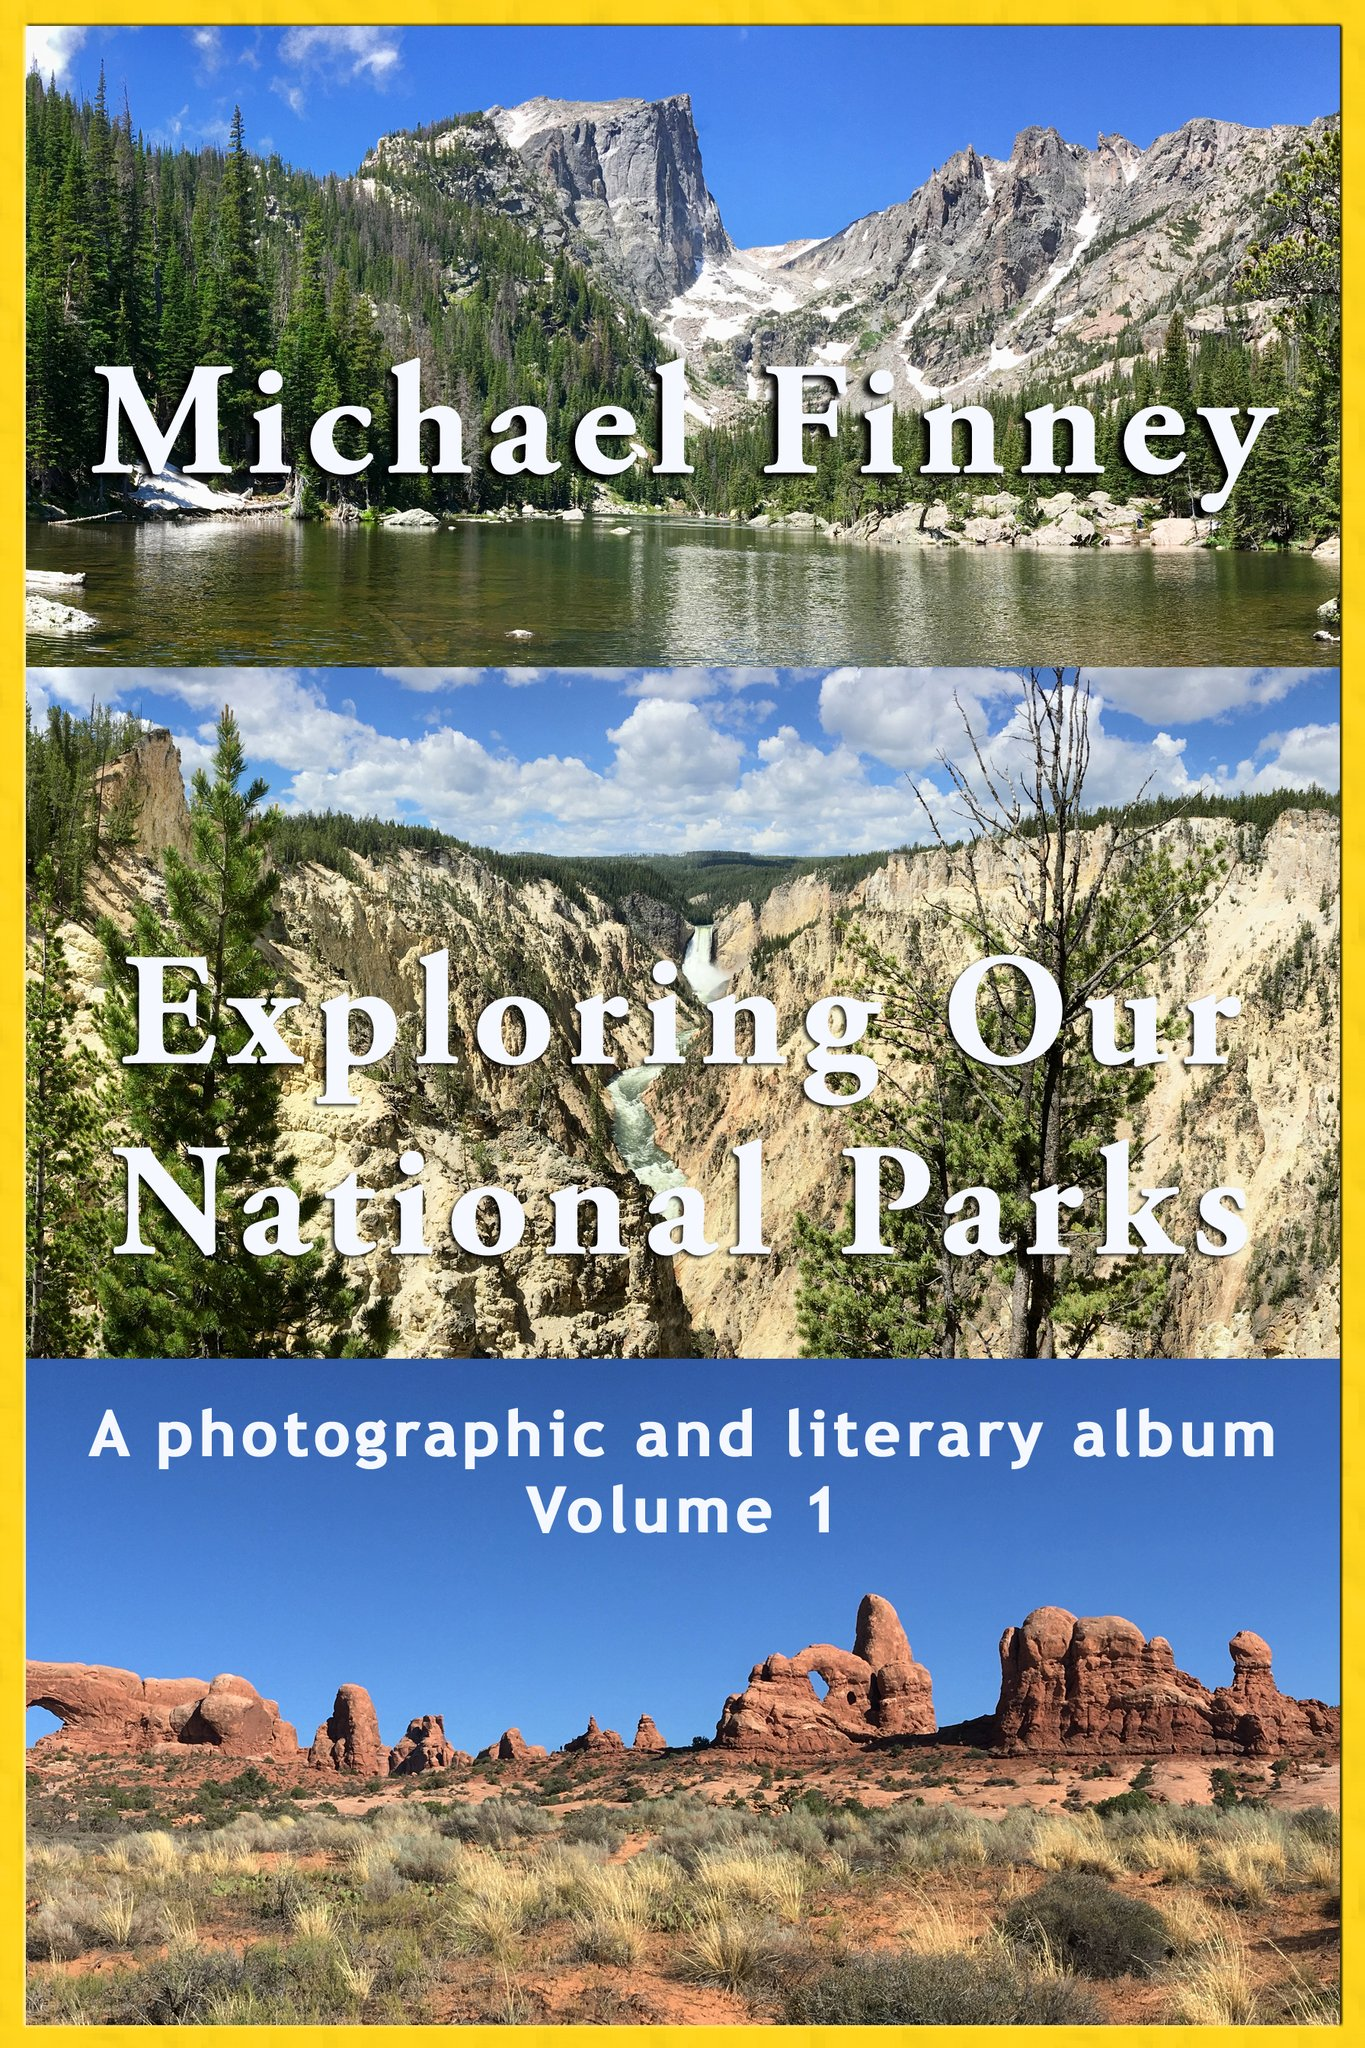 Michael Finney National Parks Volume 1